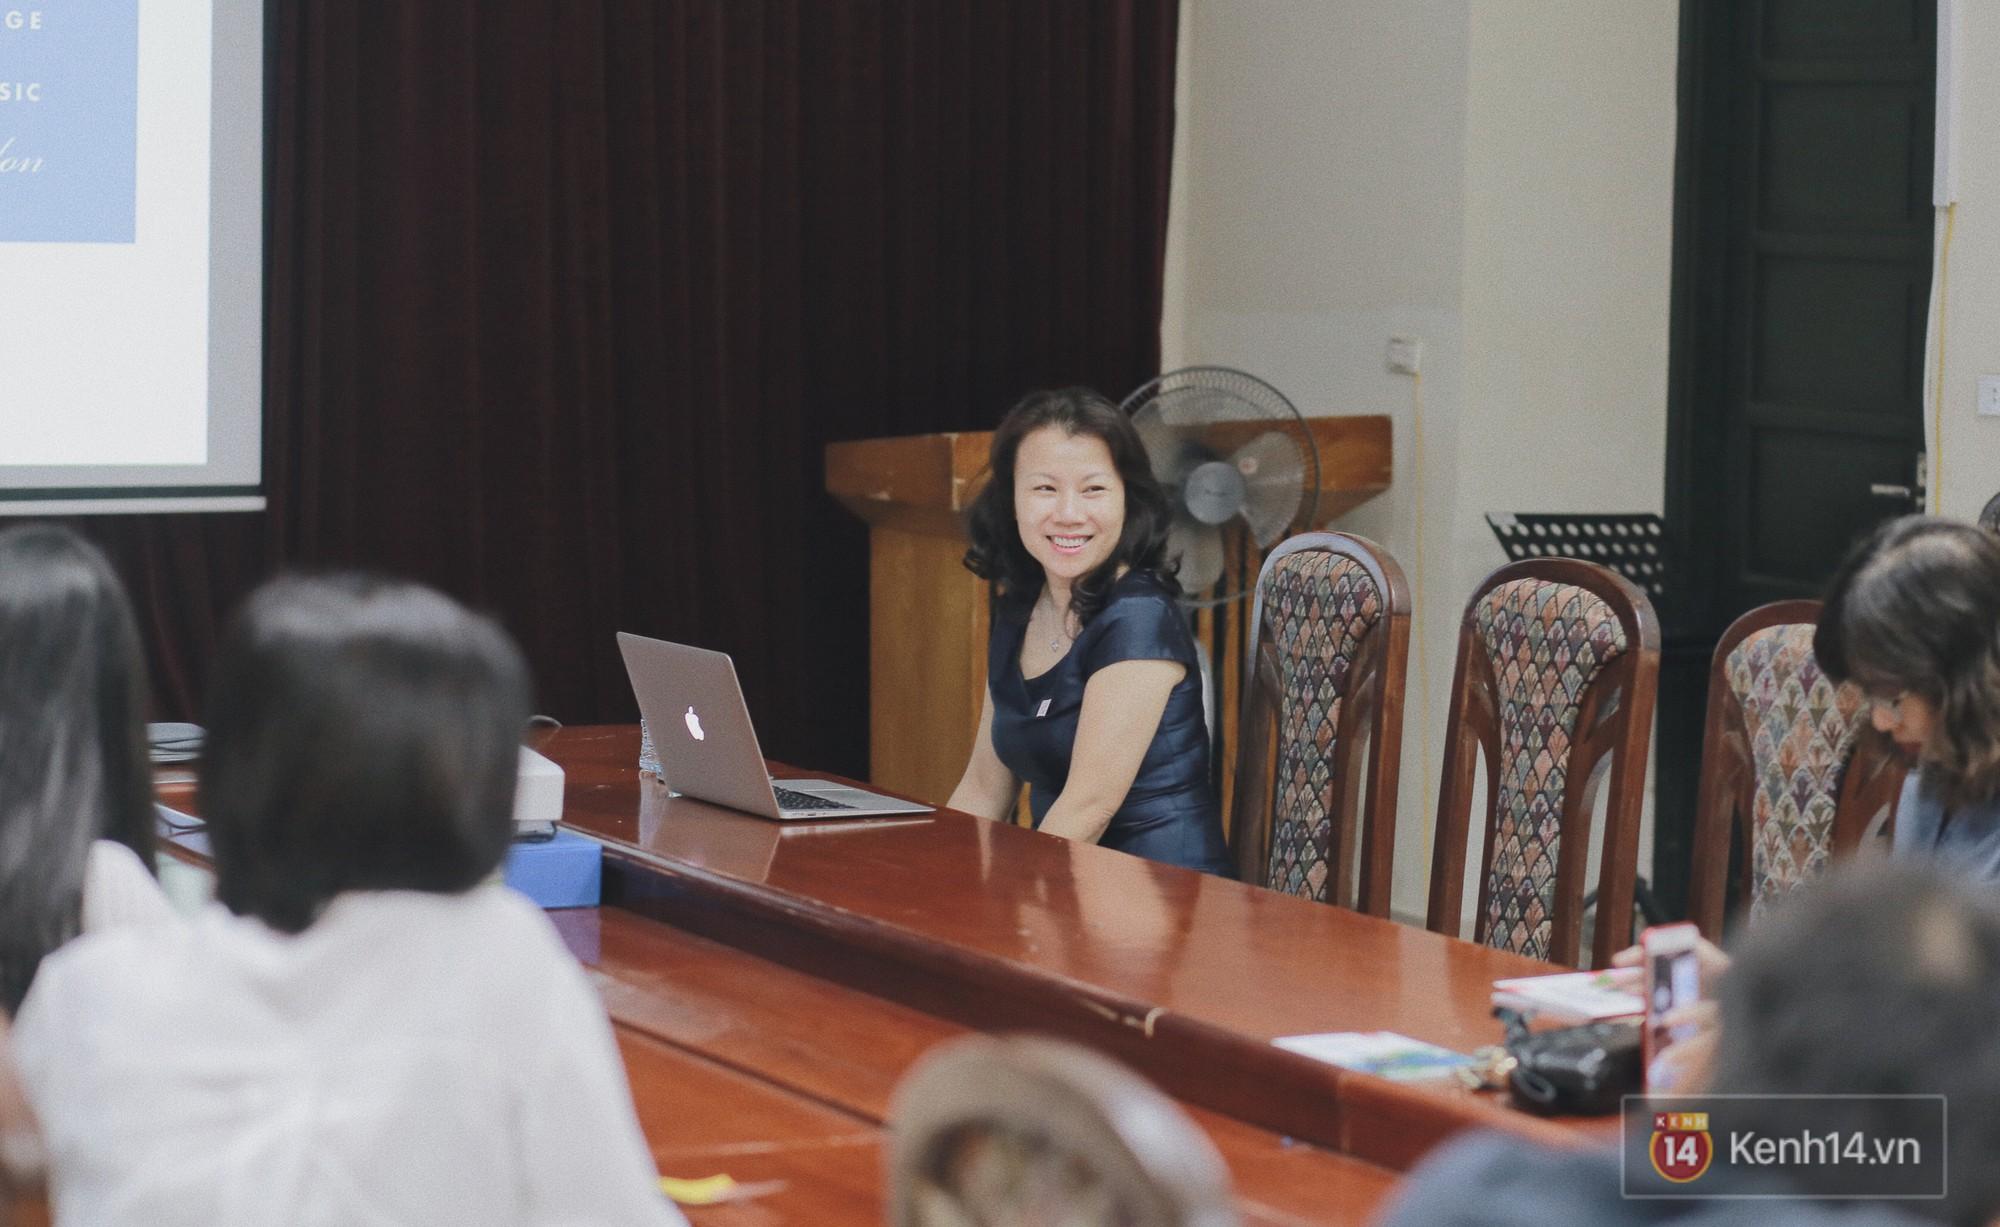 ABRSM - Chứng chỉ âm nhạc uy tín hàng đầu thế giới của Hiệp hội Âm nhạc Hoàng gia Anh đang được đông đảo trẻ em Việt lựa chọn - Ảnh 12.